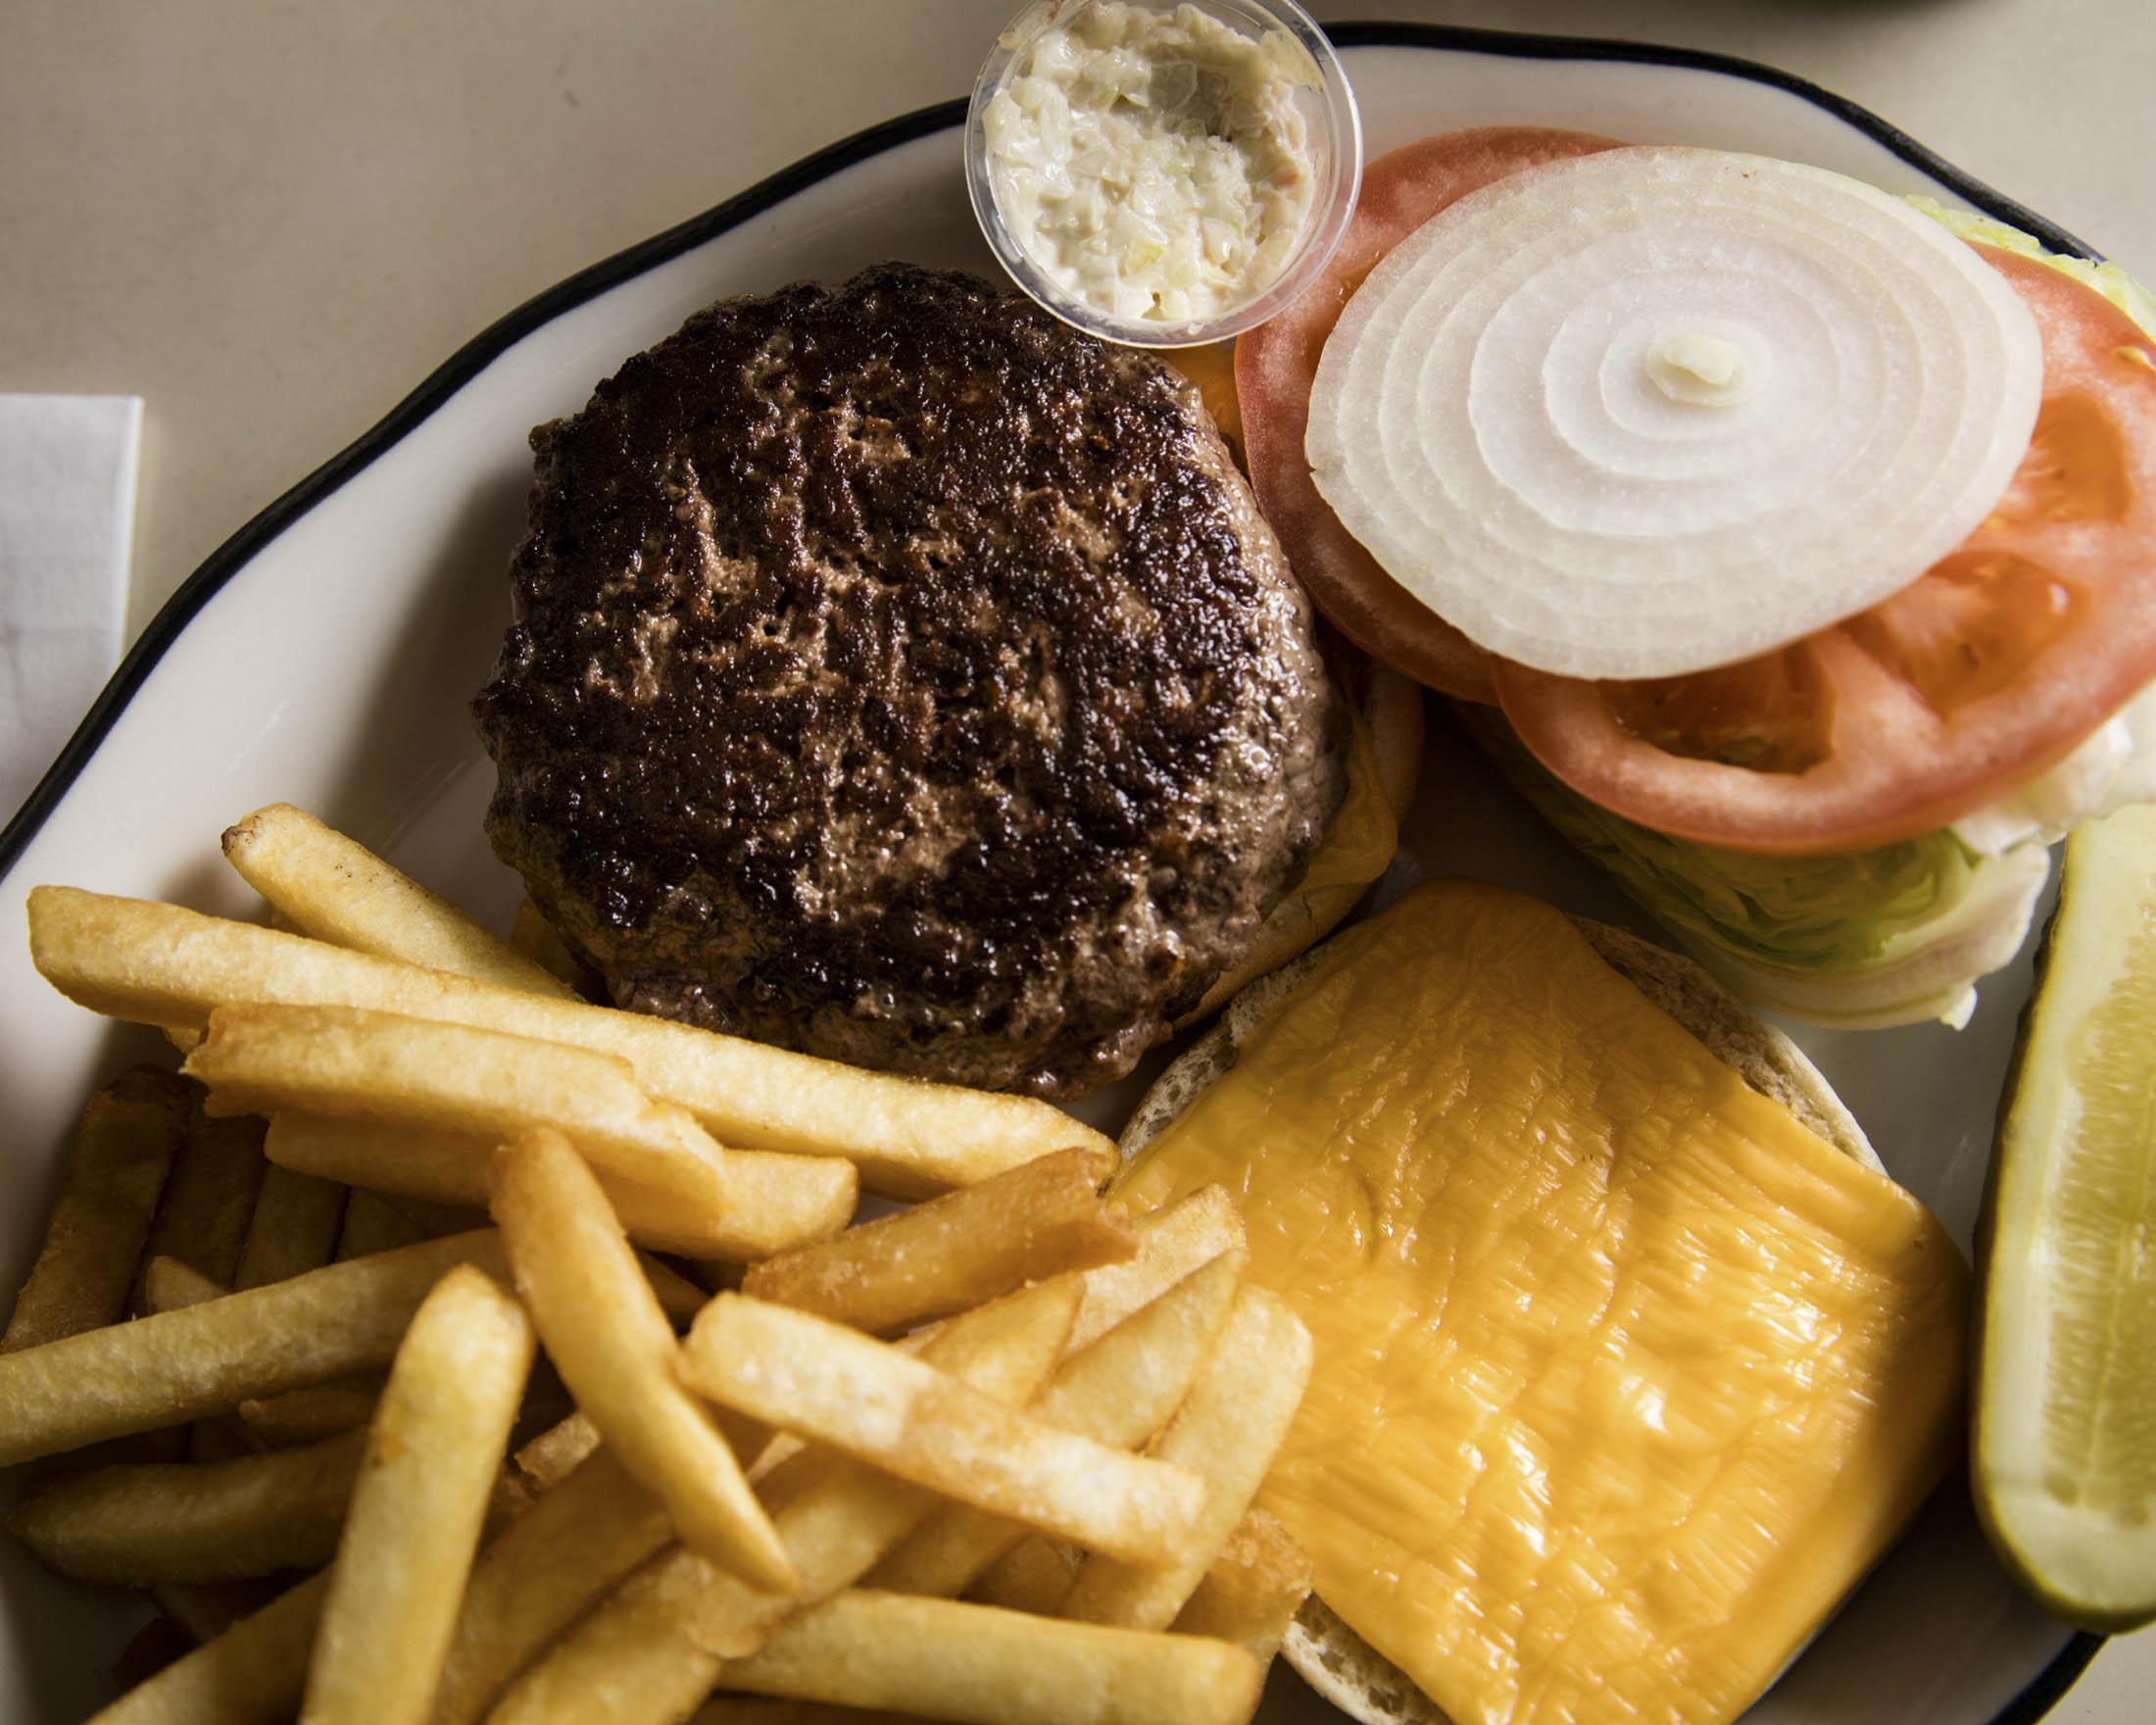 The Cheeseburger at Joe Jr.